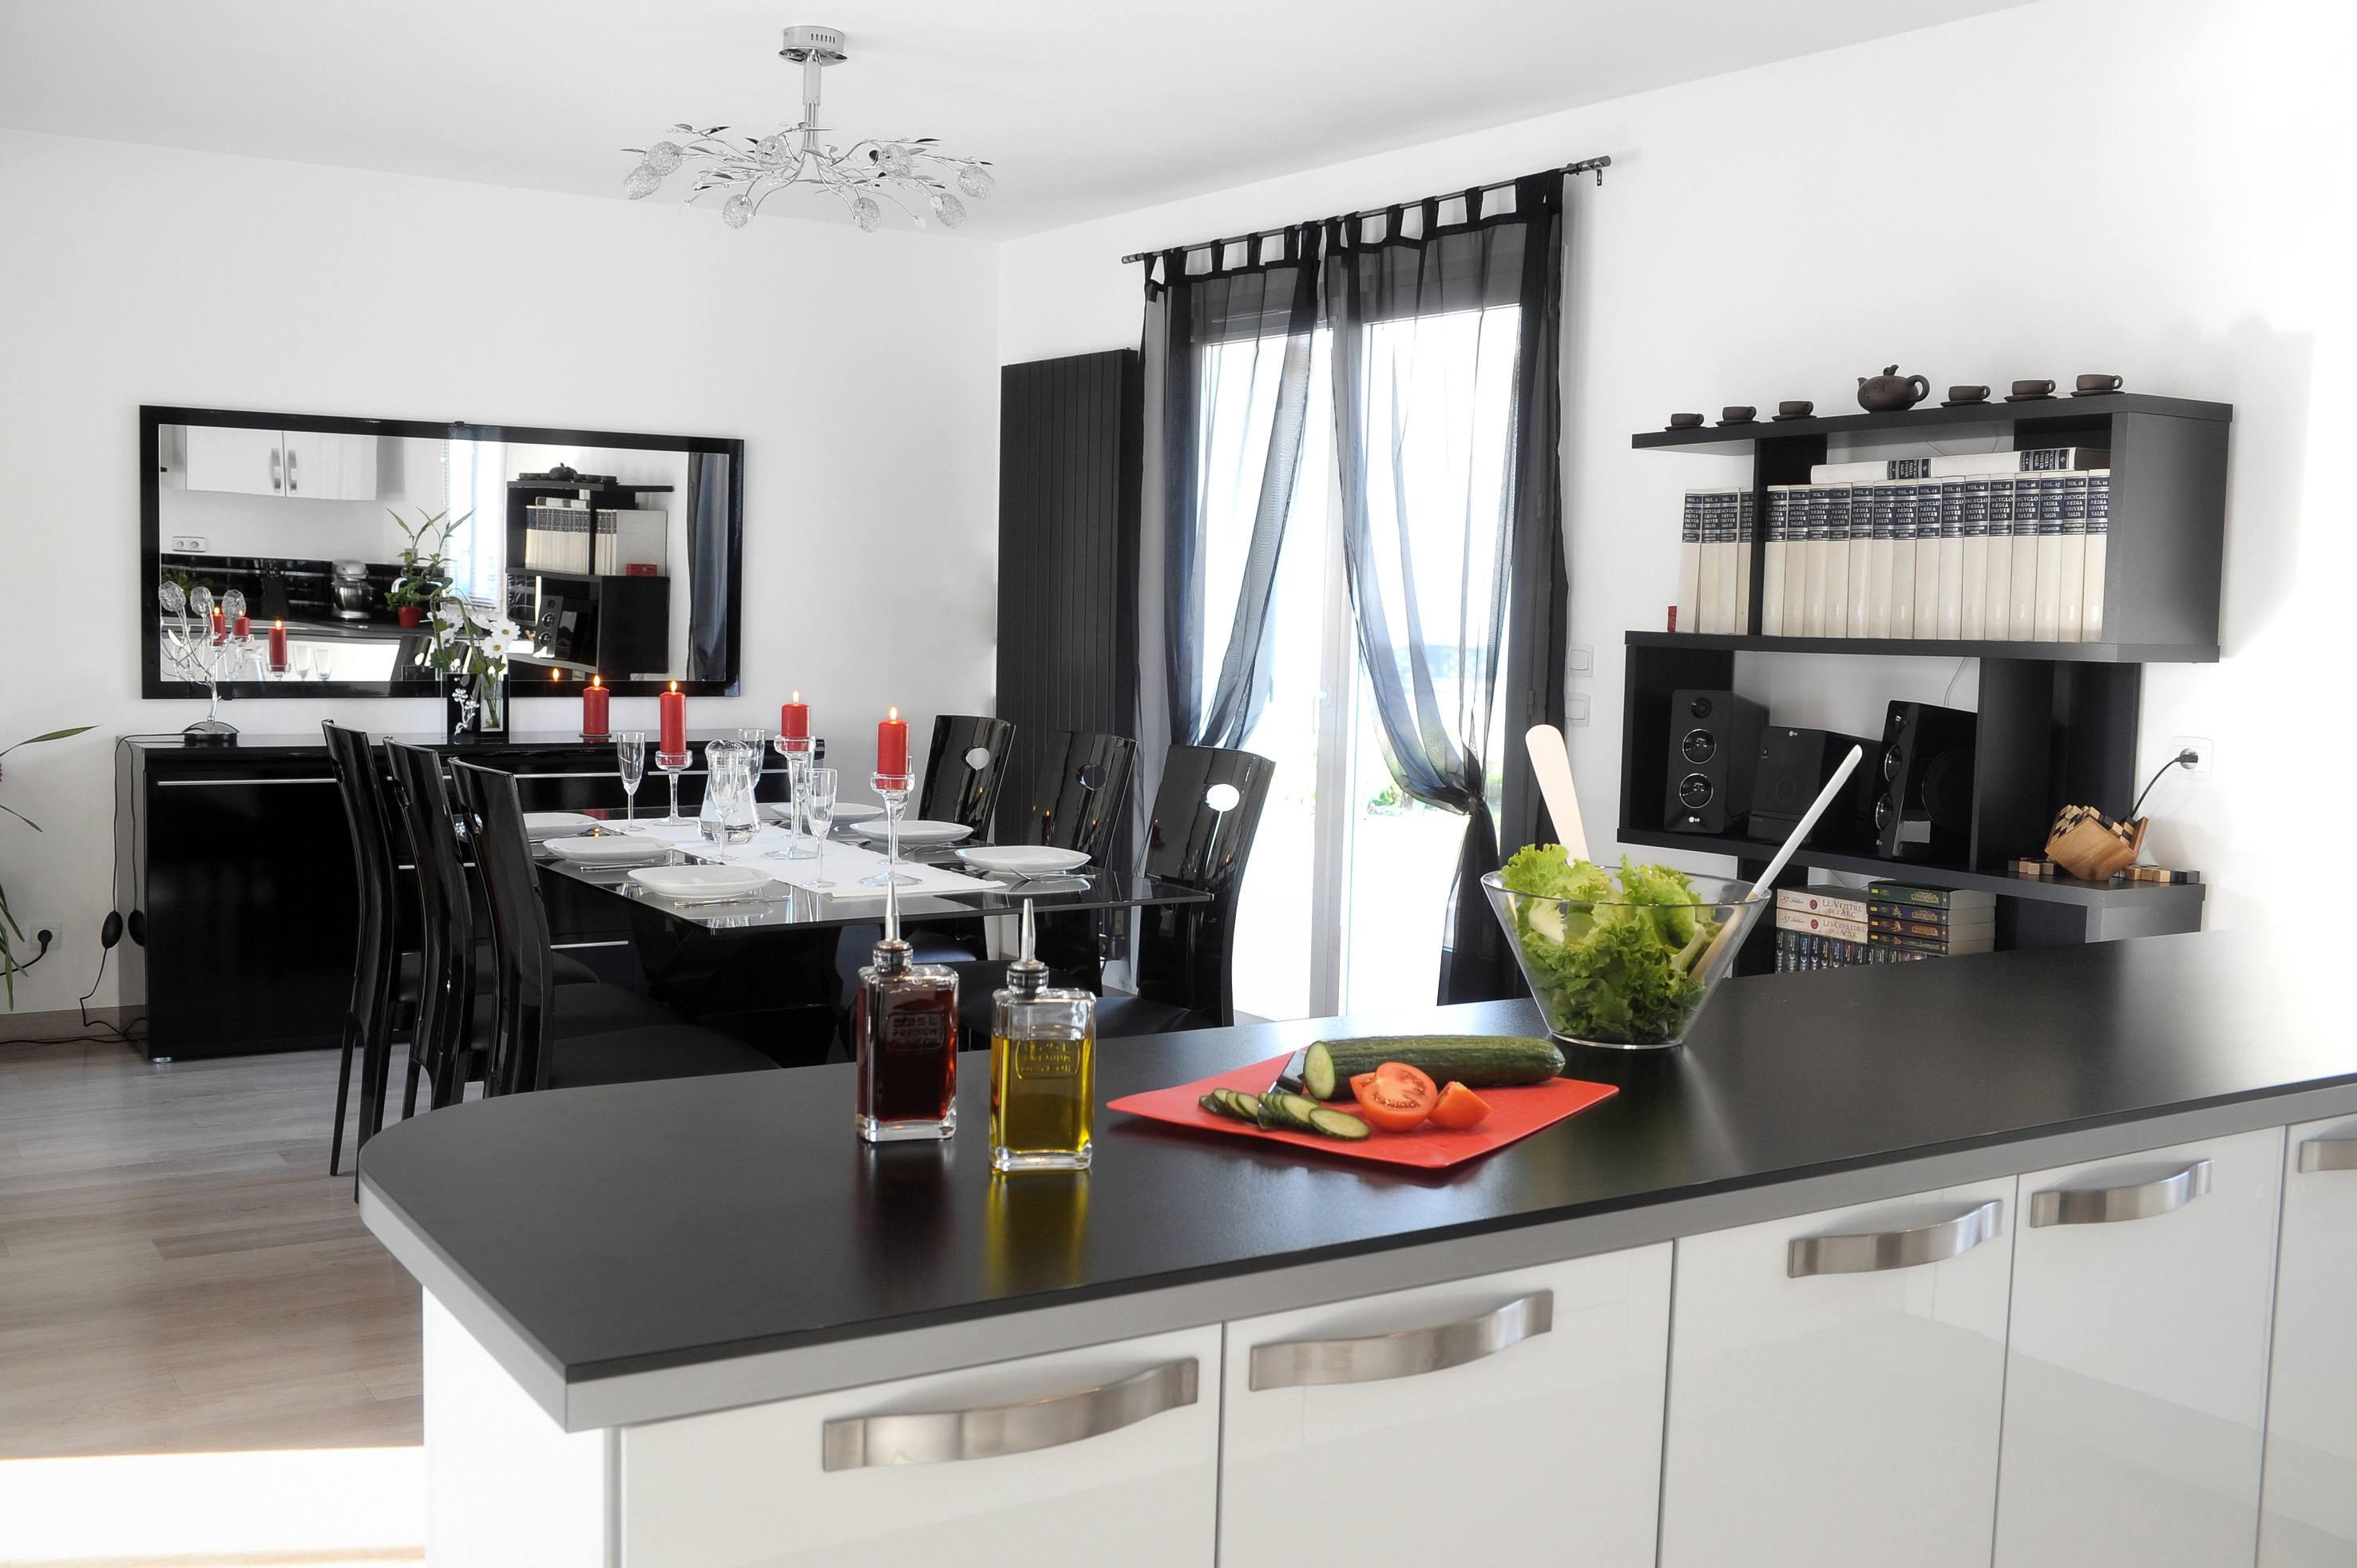 Maisons + Terrains du constructeur MAISON FAMILIALE HERBLAY • 110 m² • ERMONT